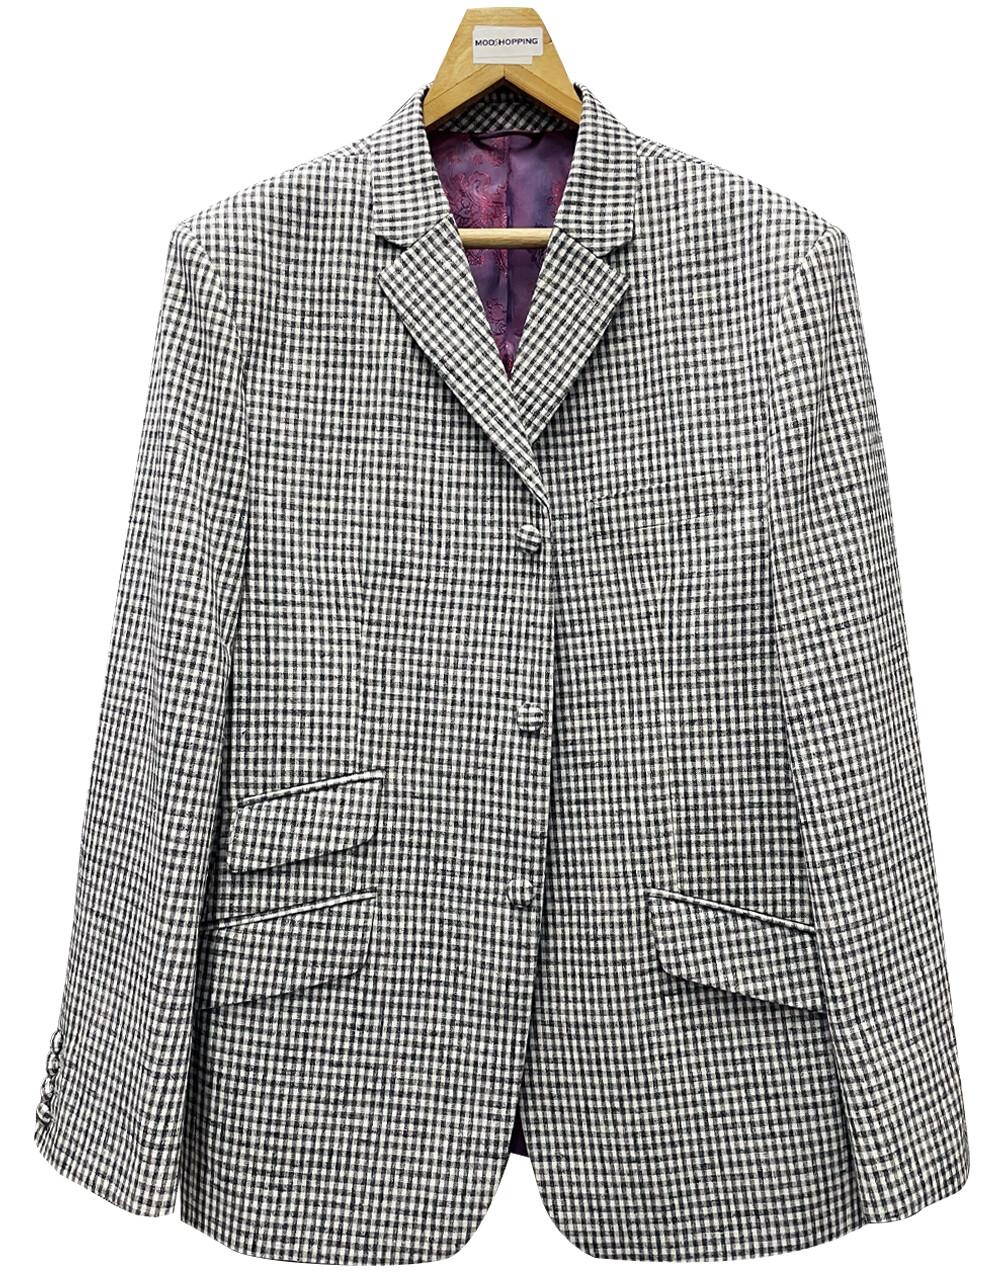 Men's Black & White Gingham Check Jacket